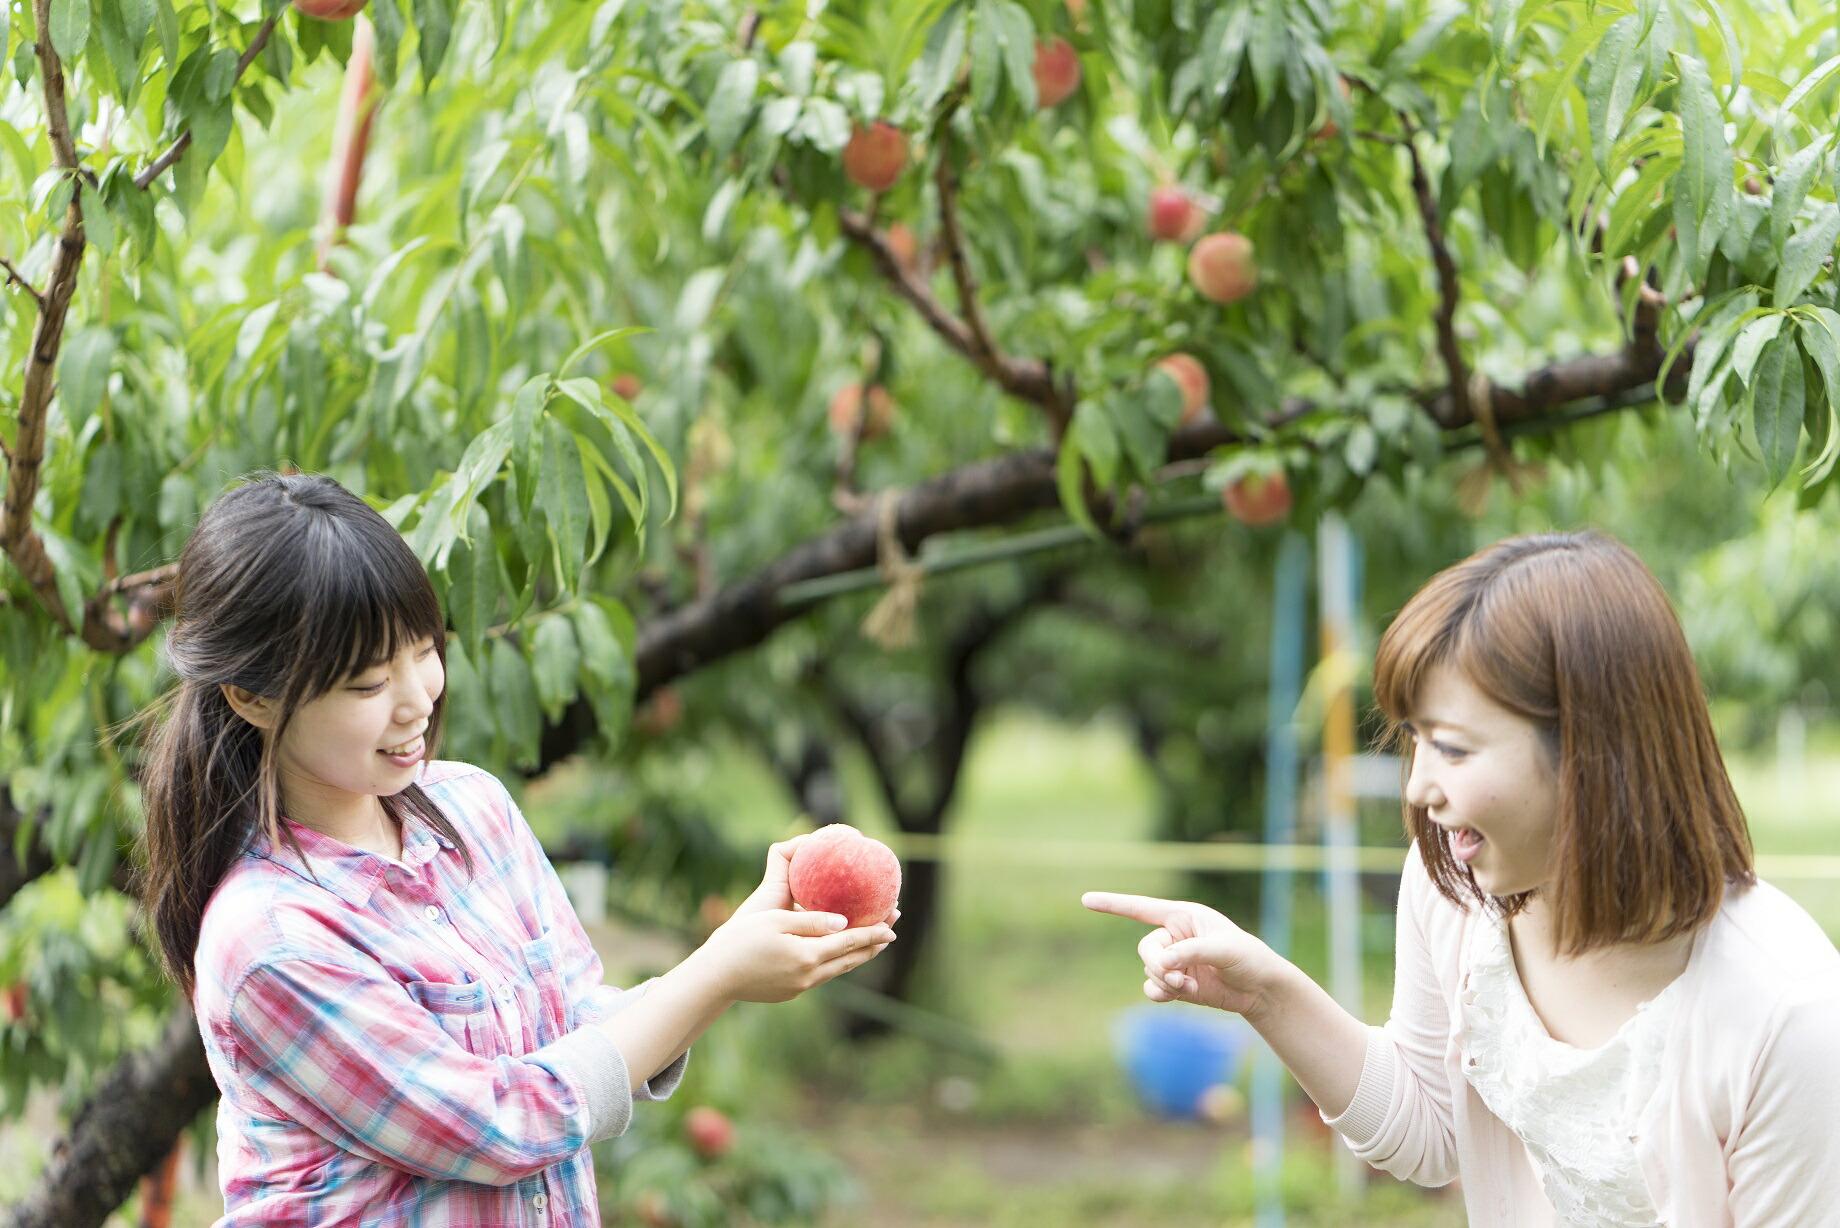 コロナ禍で観光客が激減!桃・ぶどう生産量日本一の郷、笛吹市の低迷している観光産業の活気を取り戻したい!